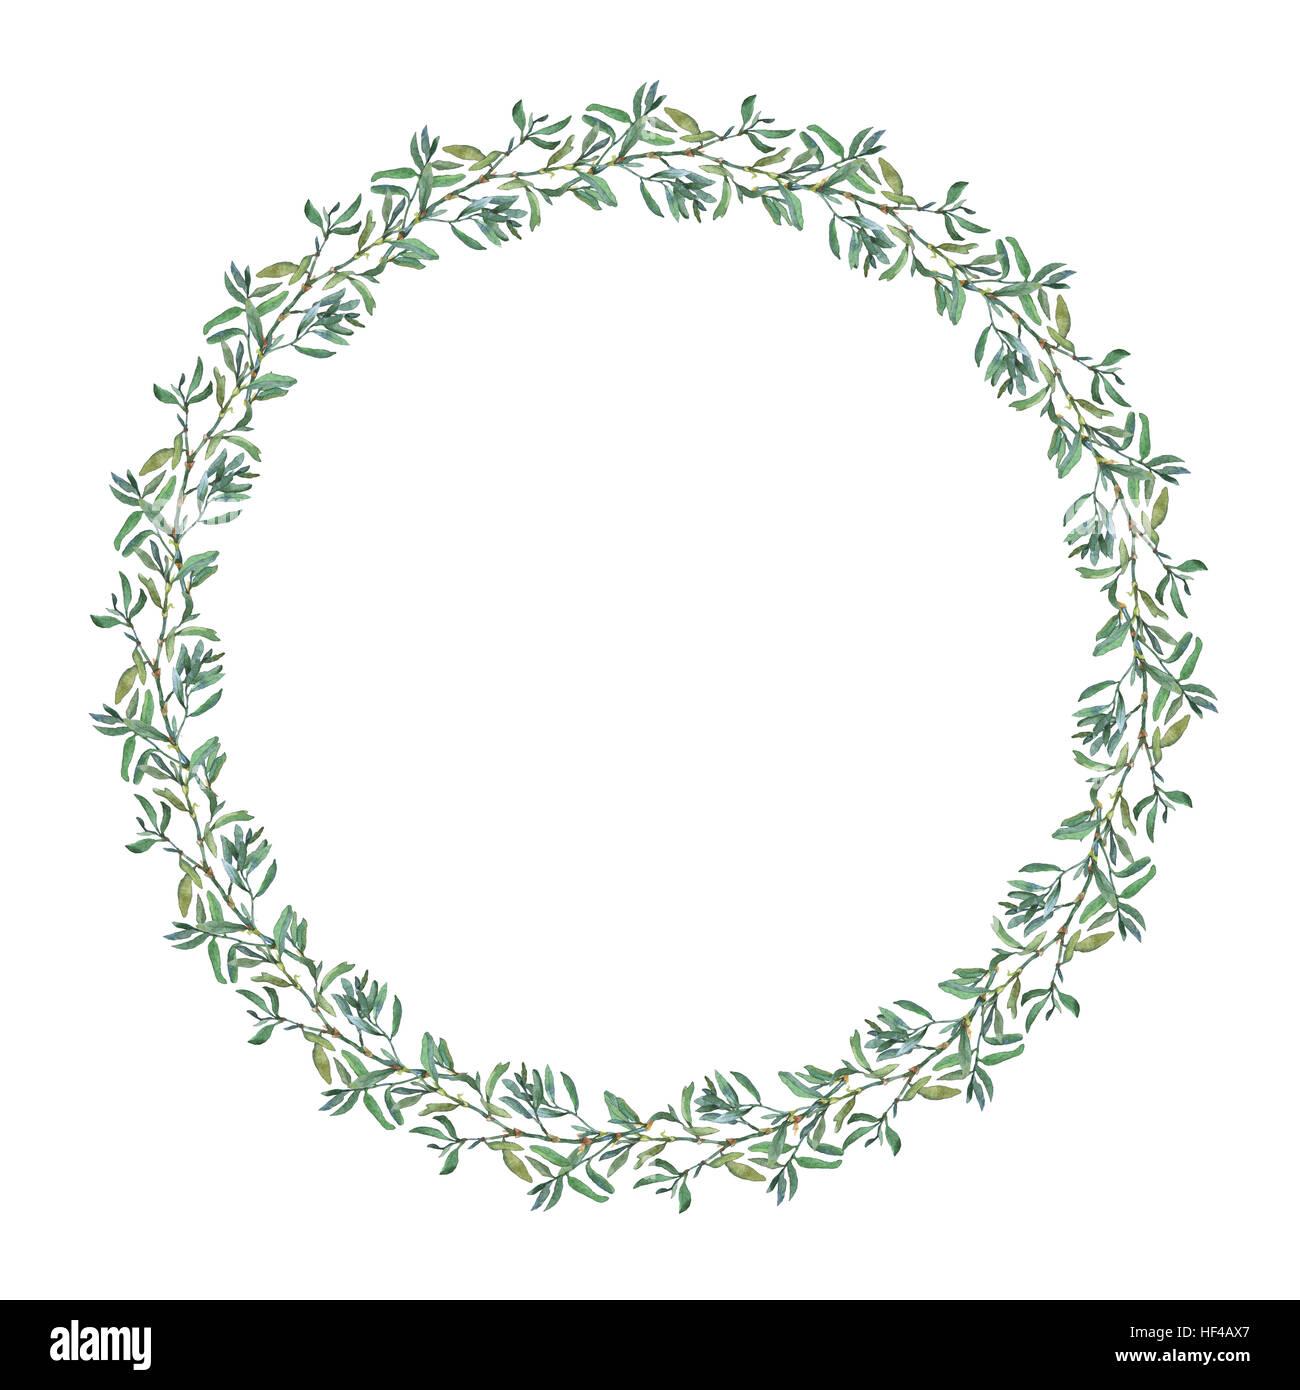 Kranz Kreis Rahmen mit Sommer Kräuter, Wiesenblumen. Aquarell Hand ...